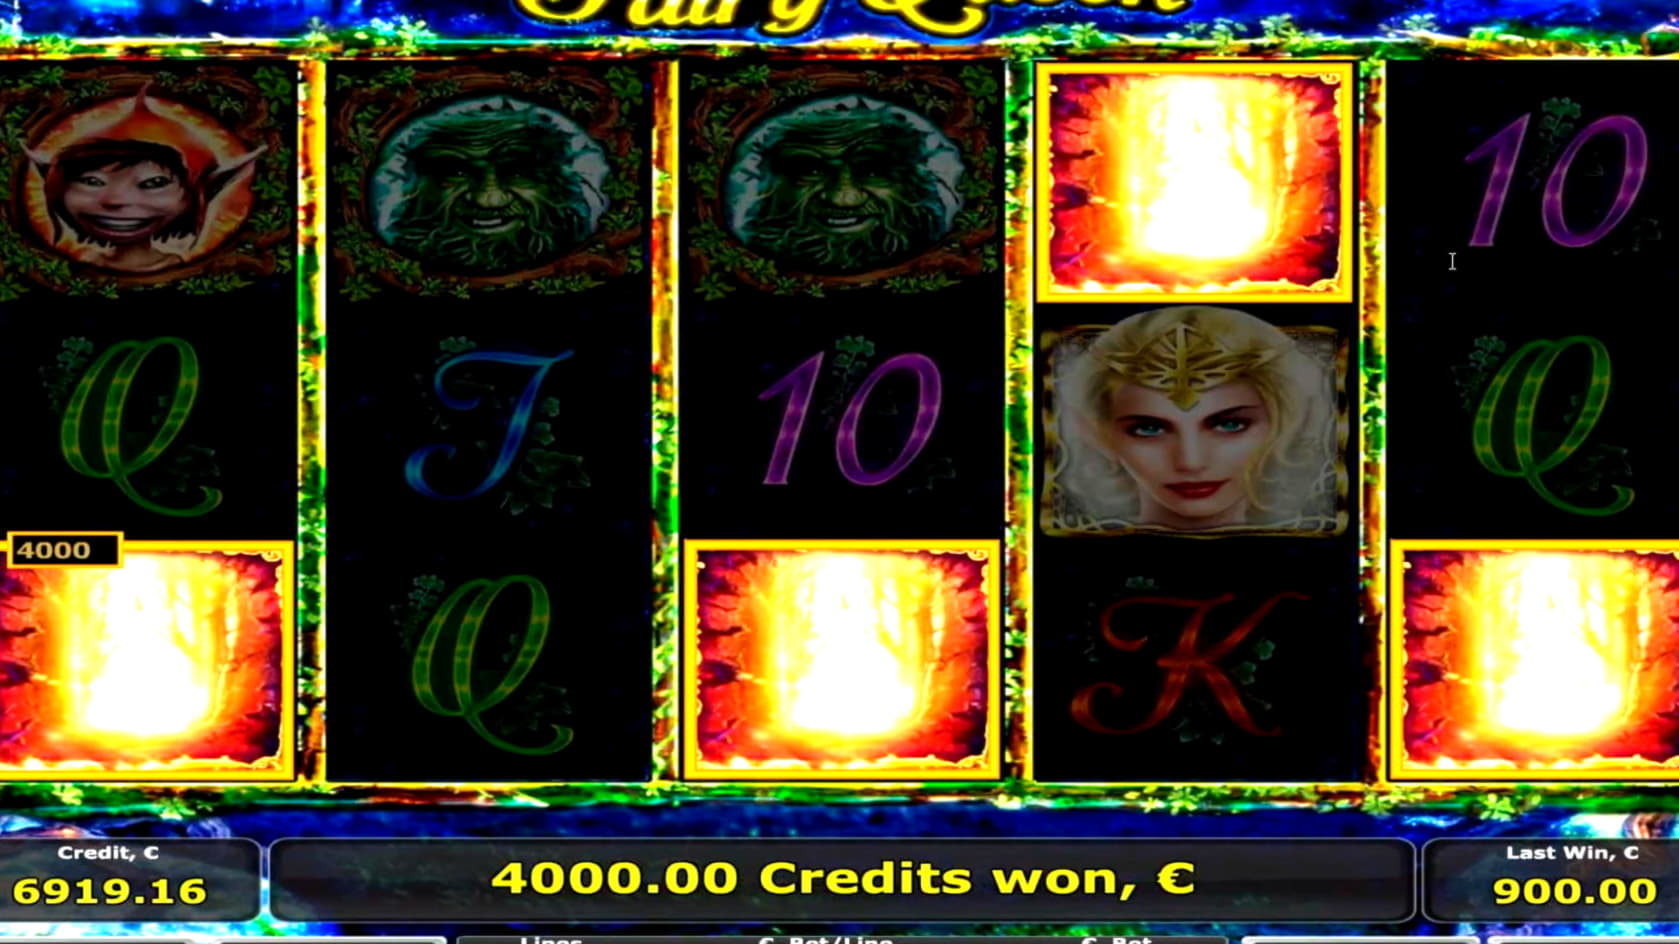 €420 Free casino chip at Wild Slots Casino